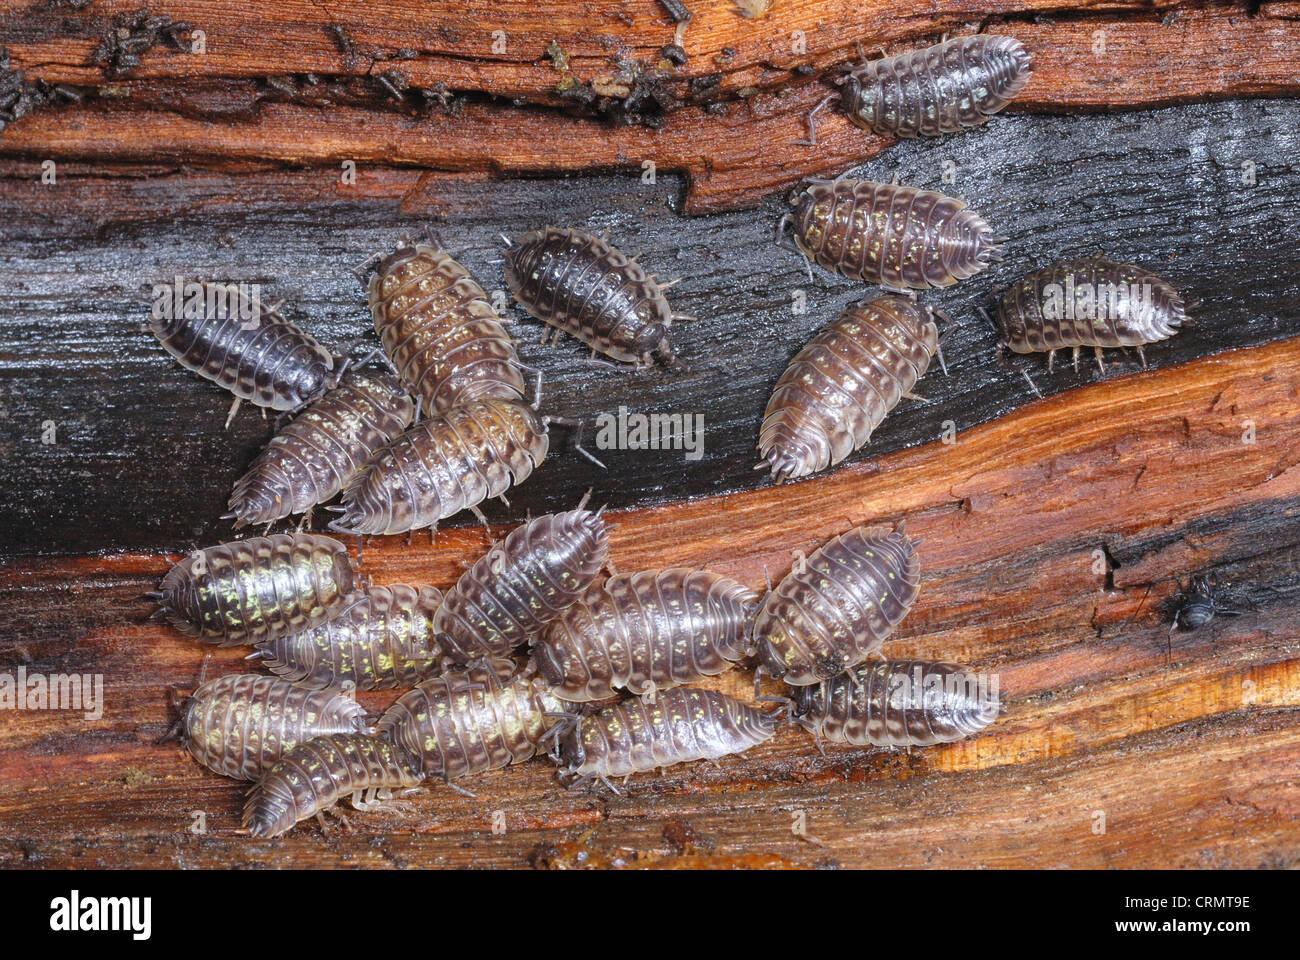 Jardin commun (cloportes Oniscus asellus) se nourrissent d'une connexion pourrie Photo Stock